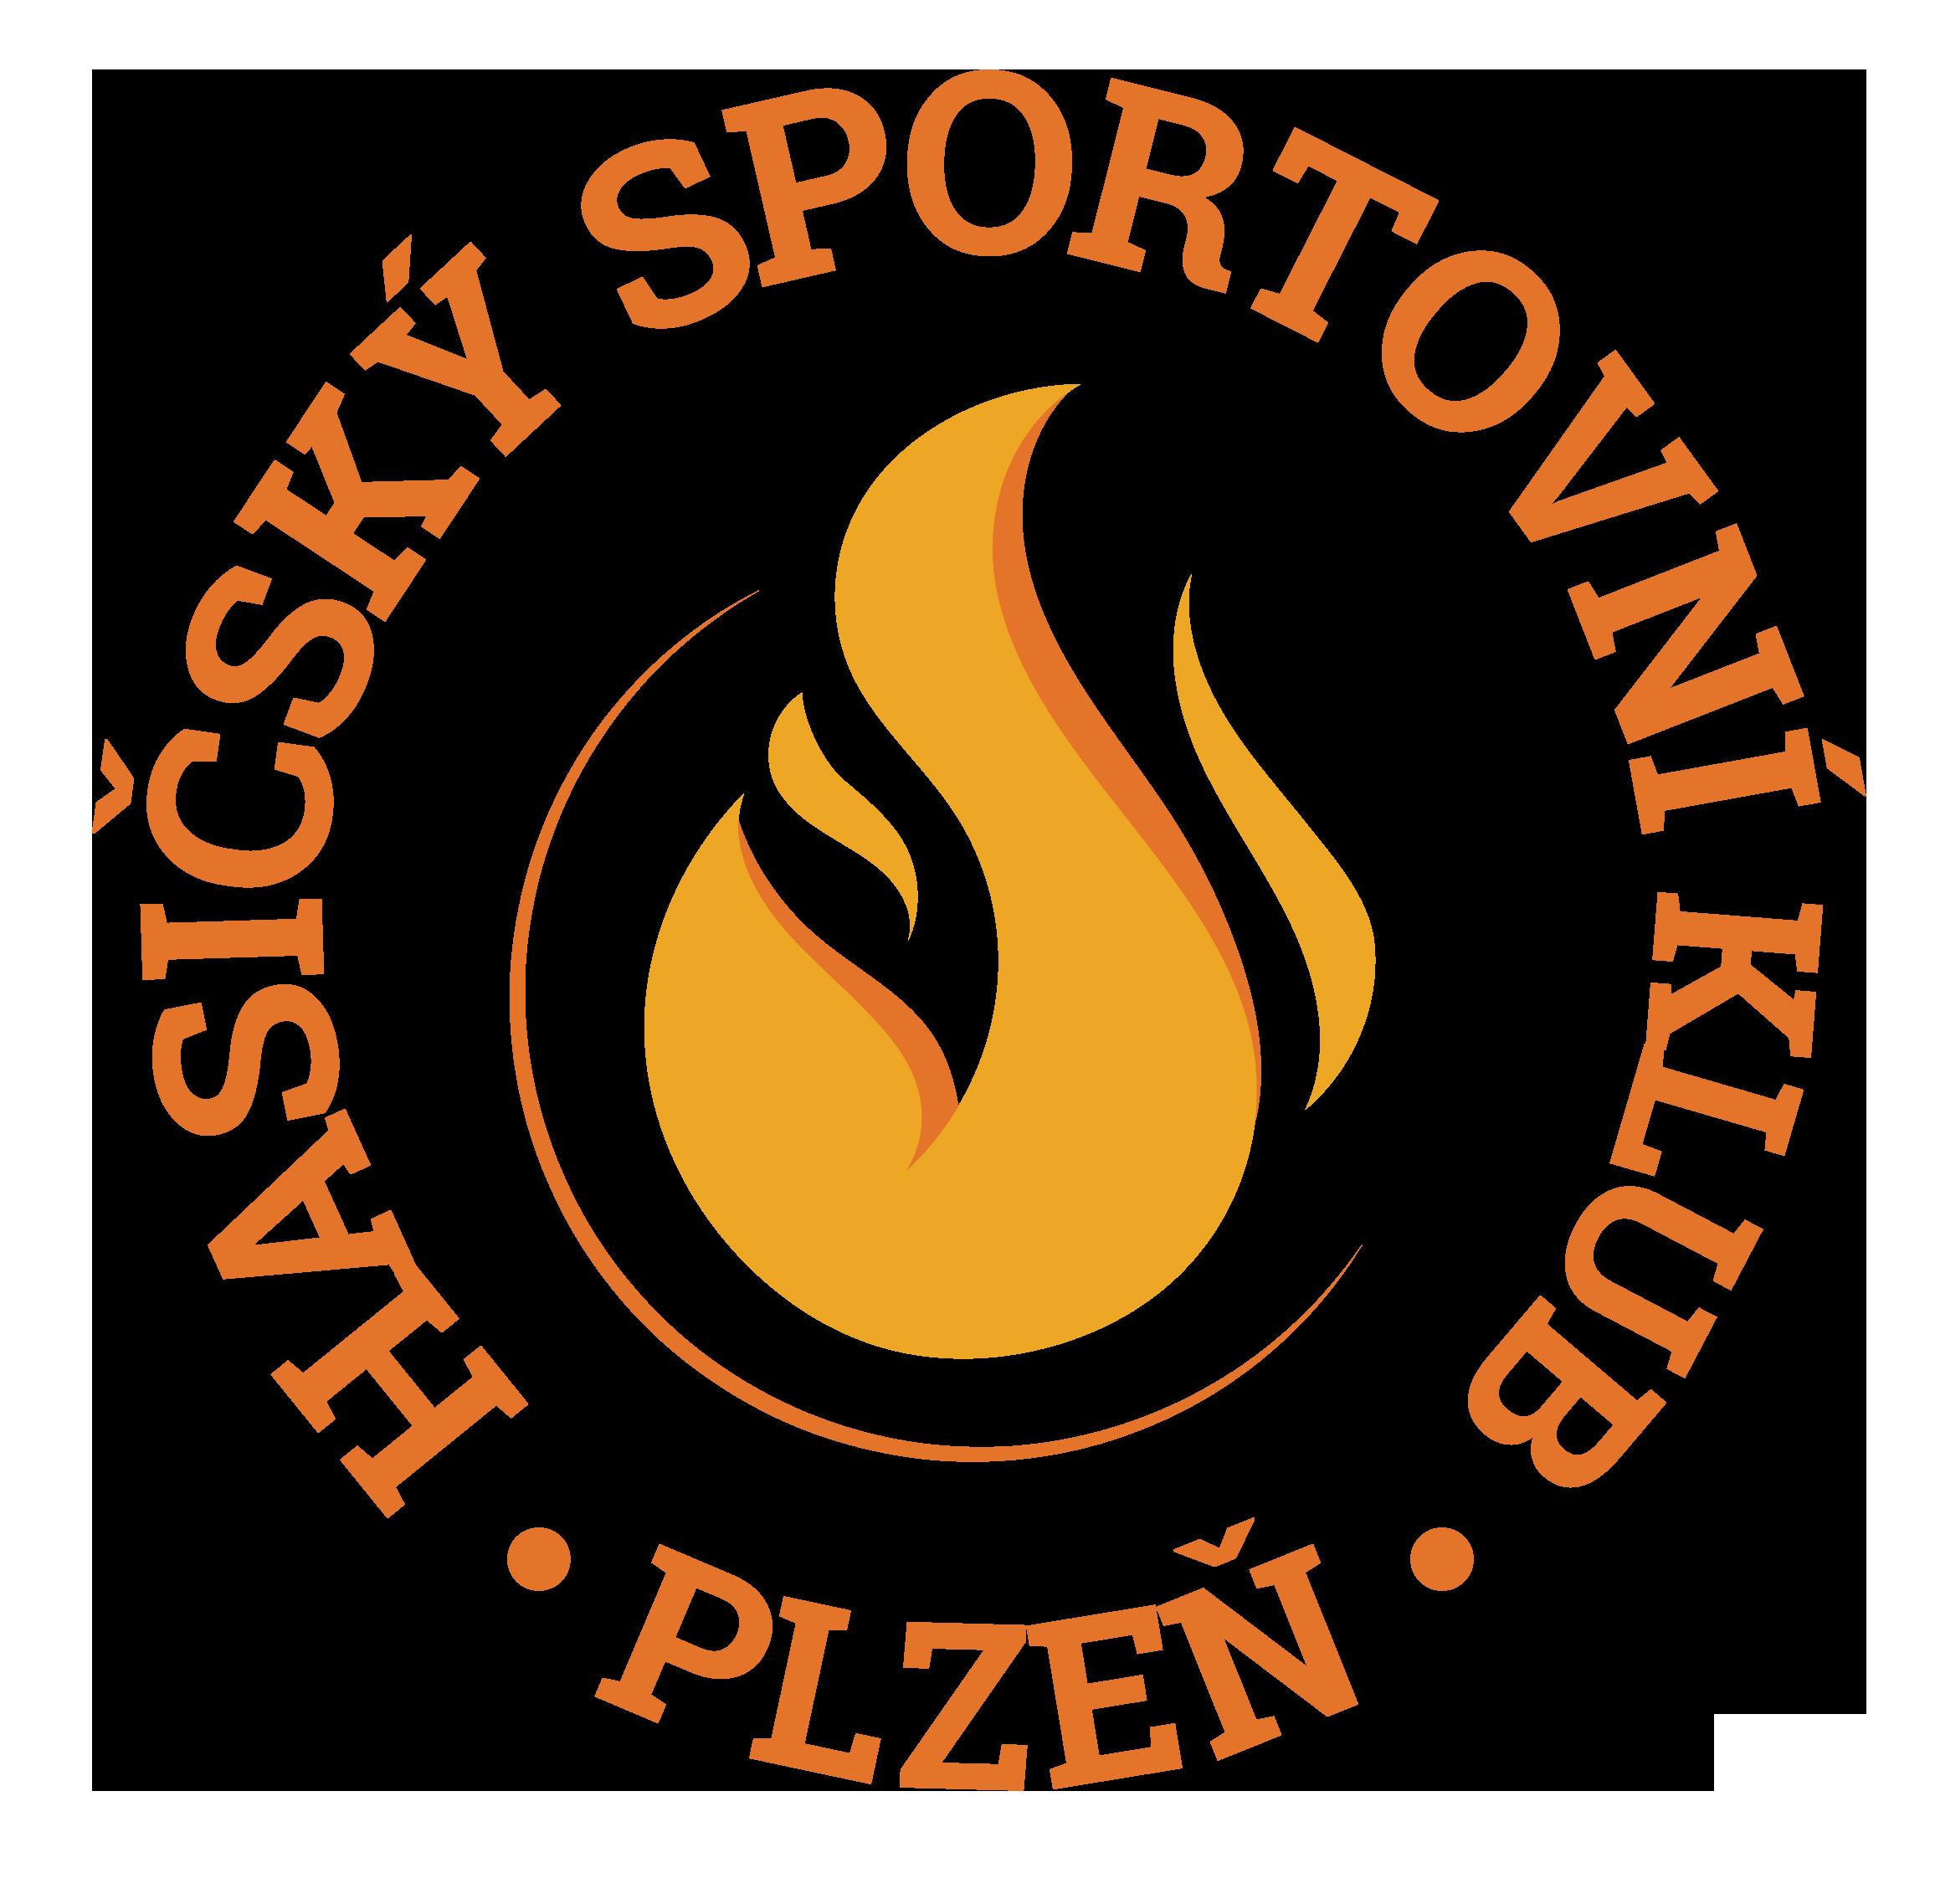 Hasičský sportovní klub Plzeň